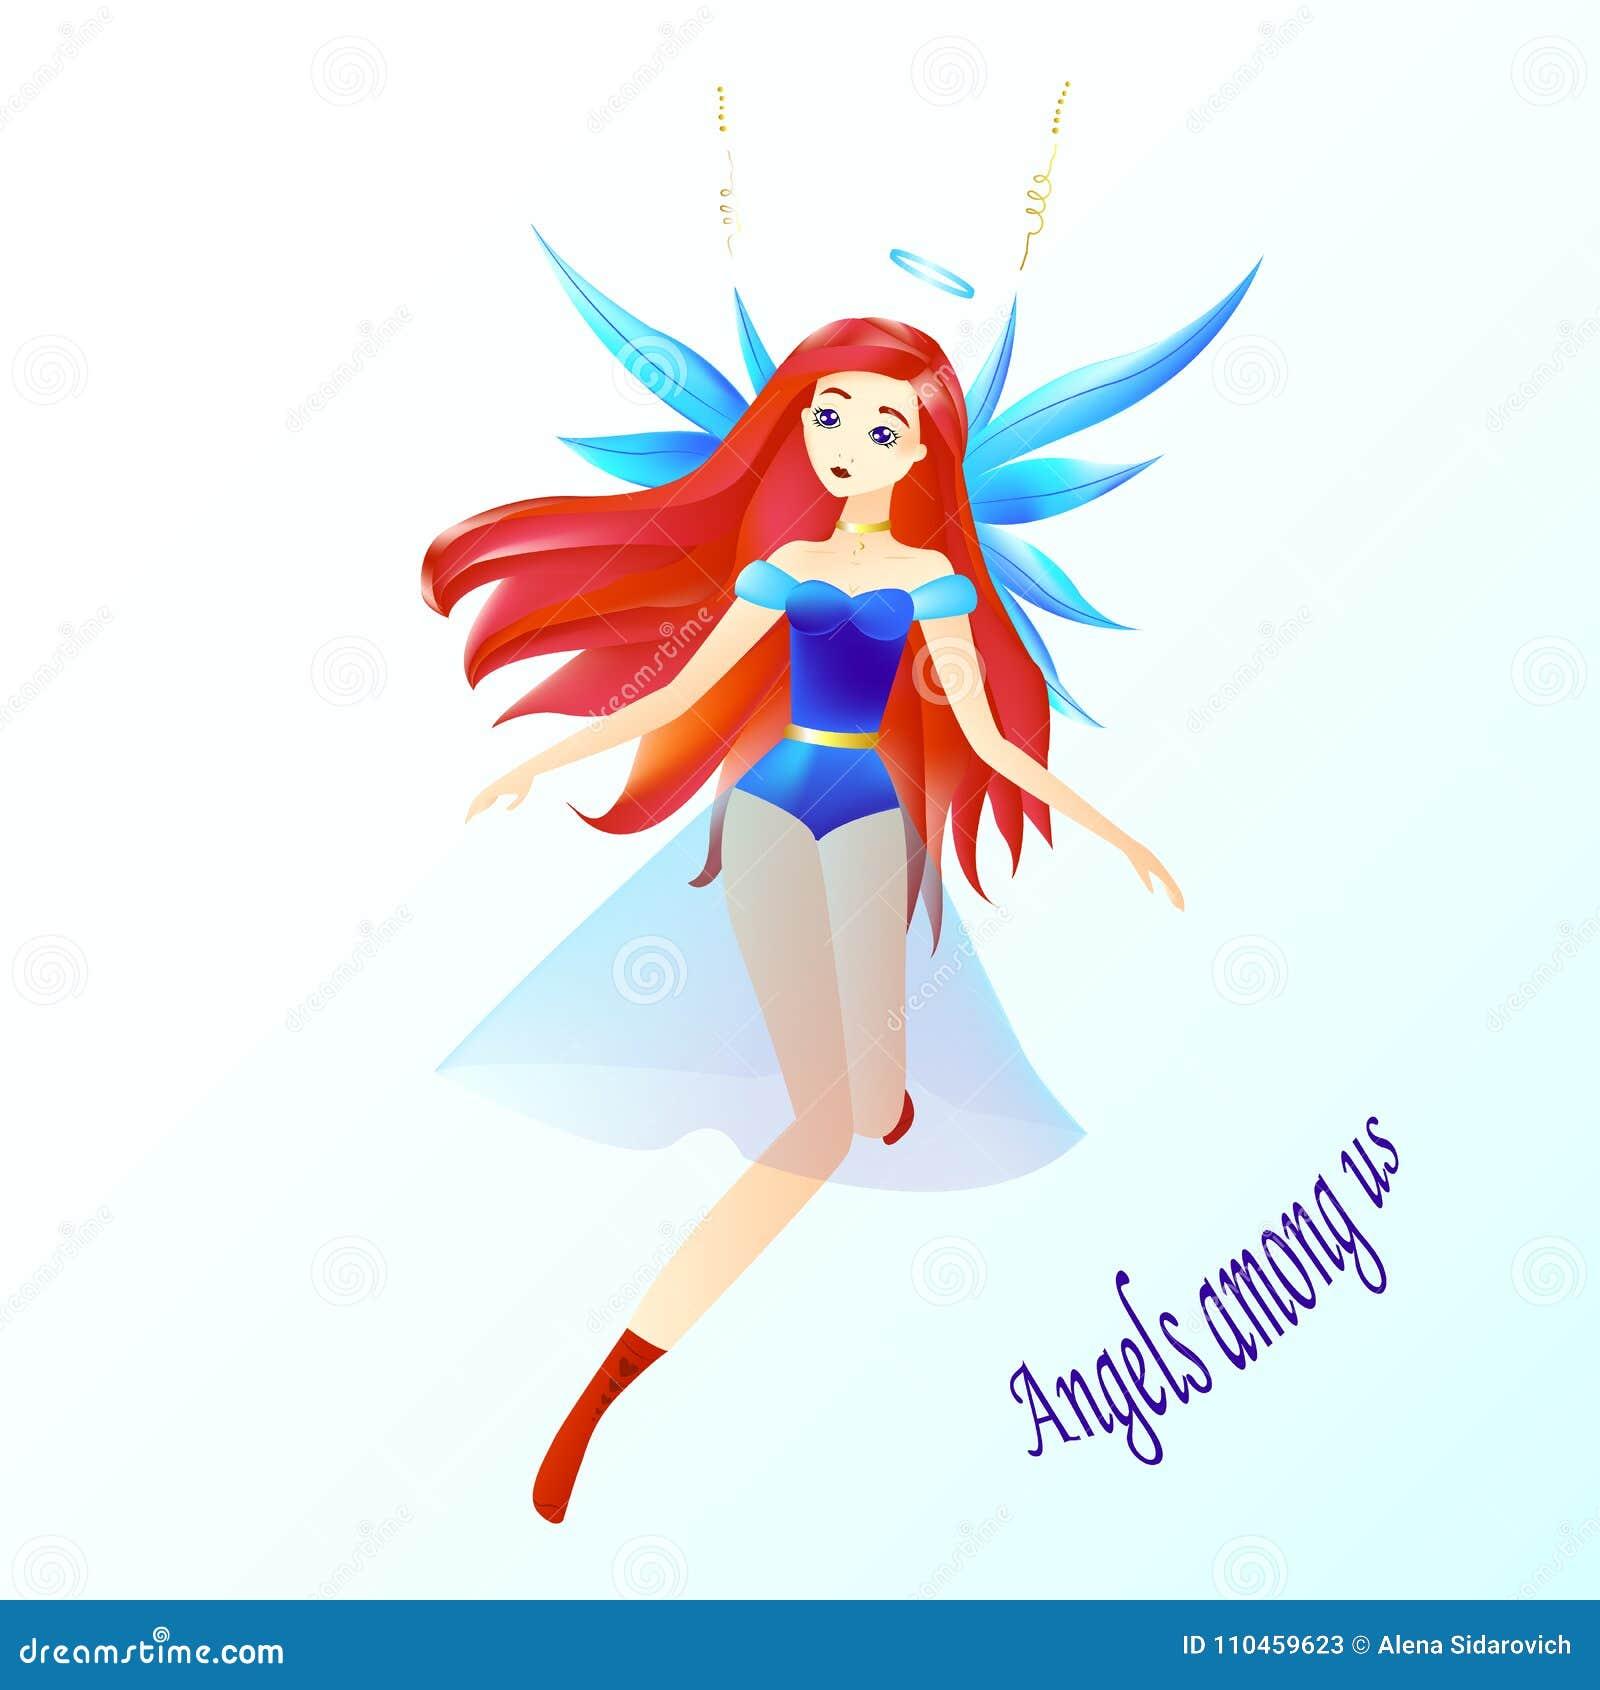 Un ángel, una muchacha con el pelo rojo, un halo y un azul se va volando, los ángeles